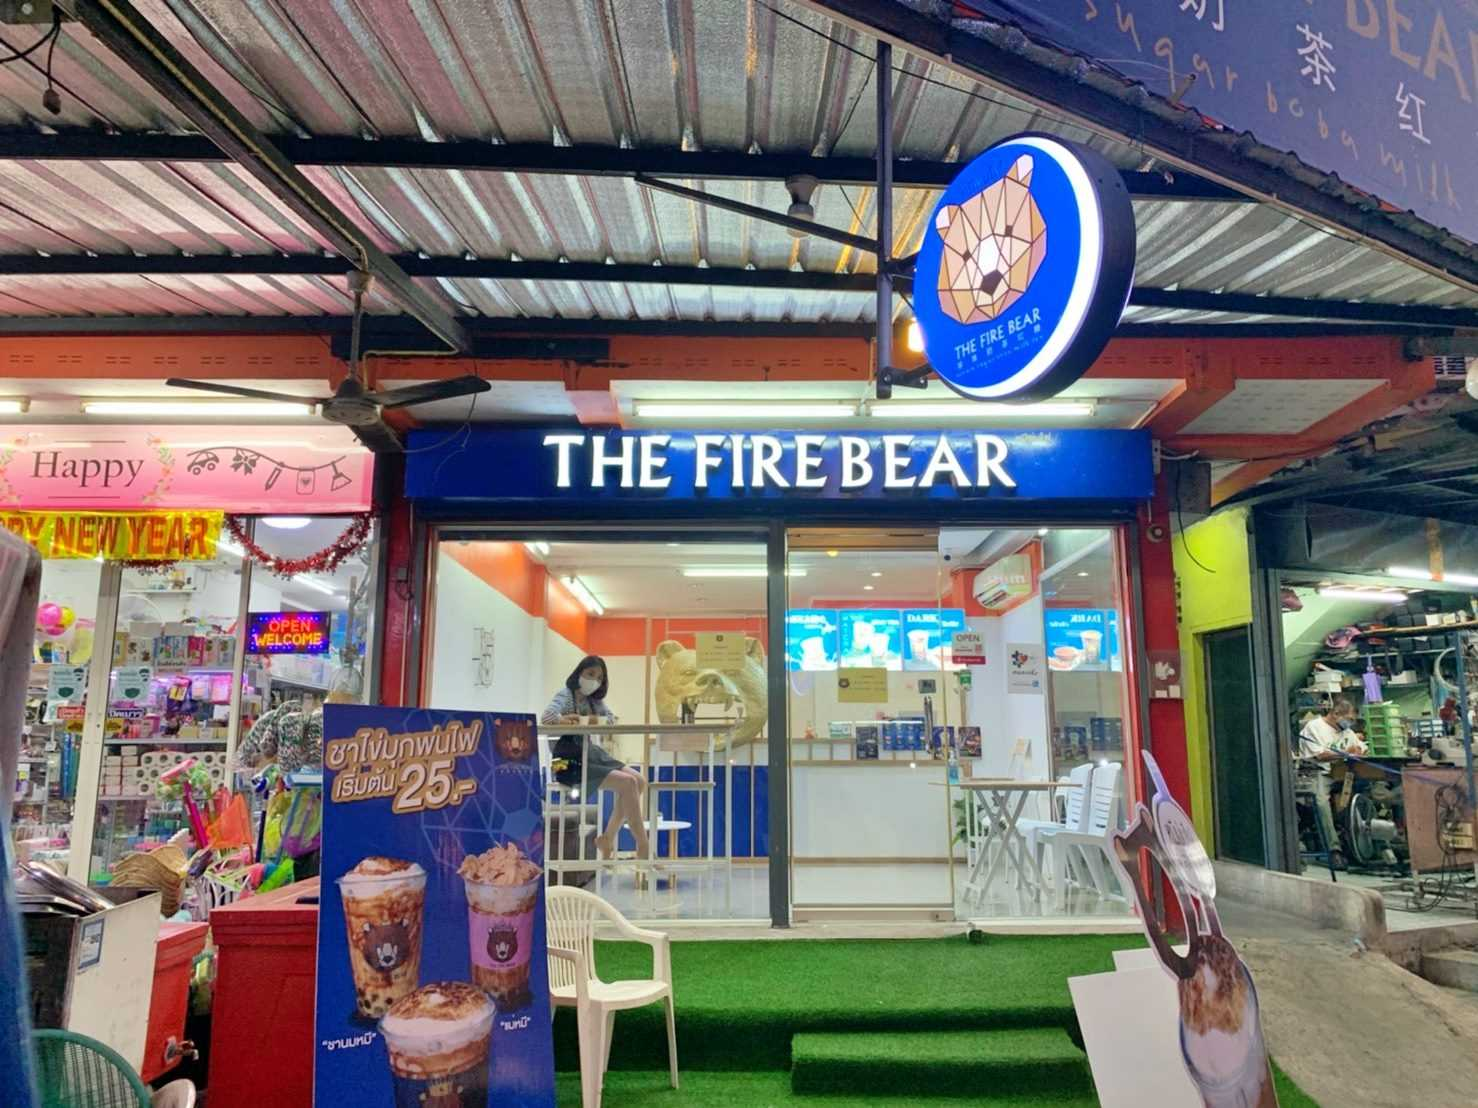 เซ้ง‼️ ร้านชานม หมีพ่นไฟ สาขาสุขาภิบาล2 หน้าตลาด @ประเวศ กทม